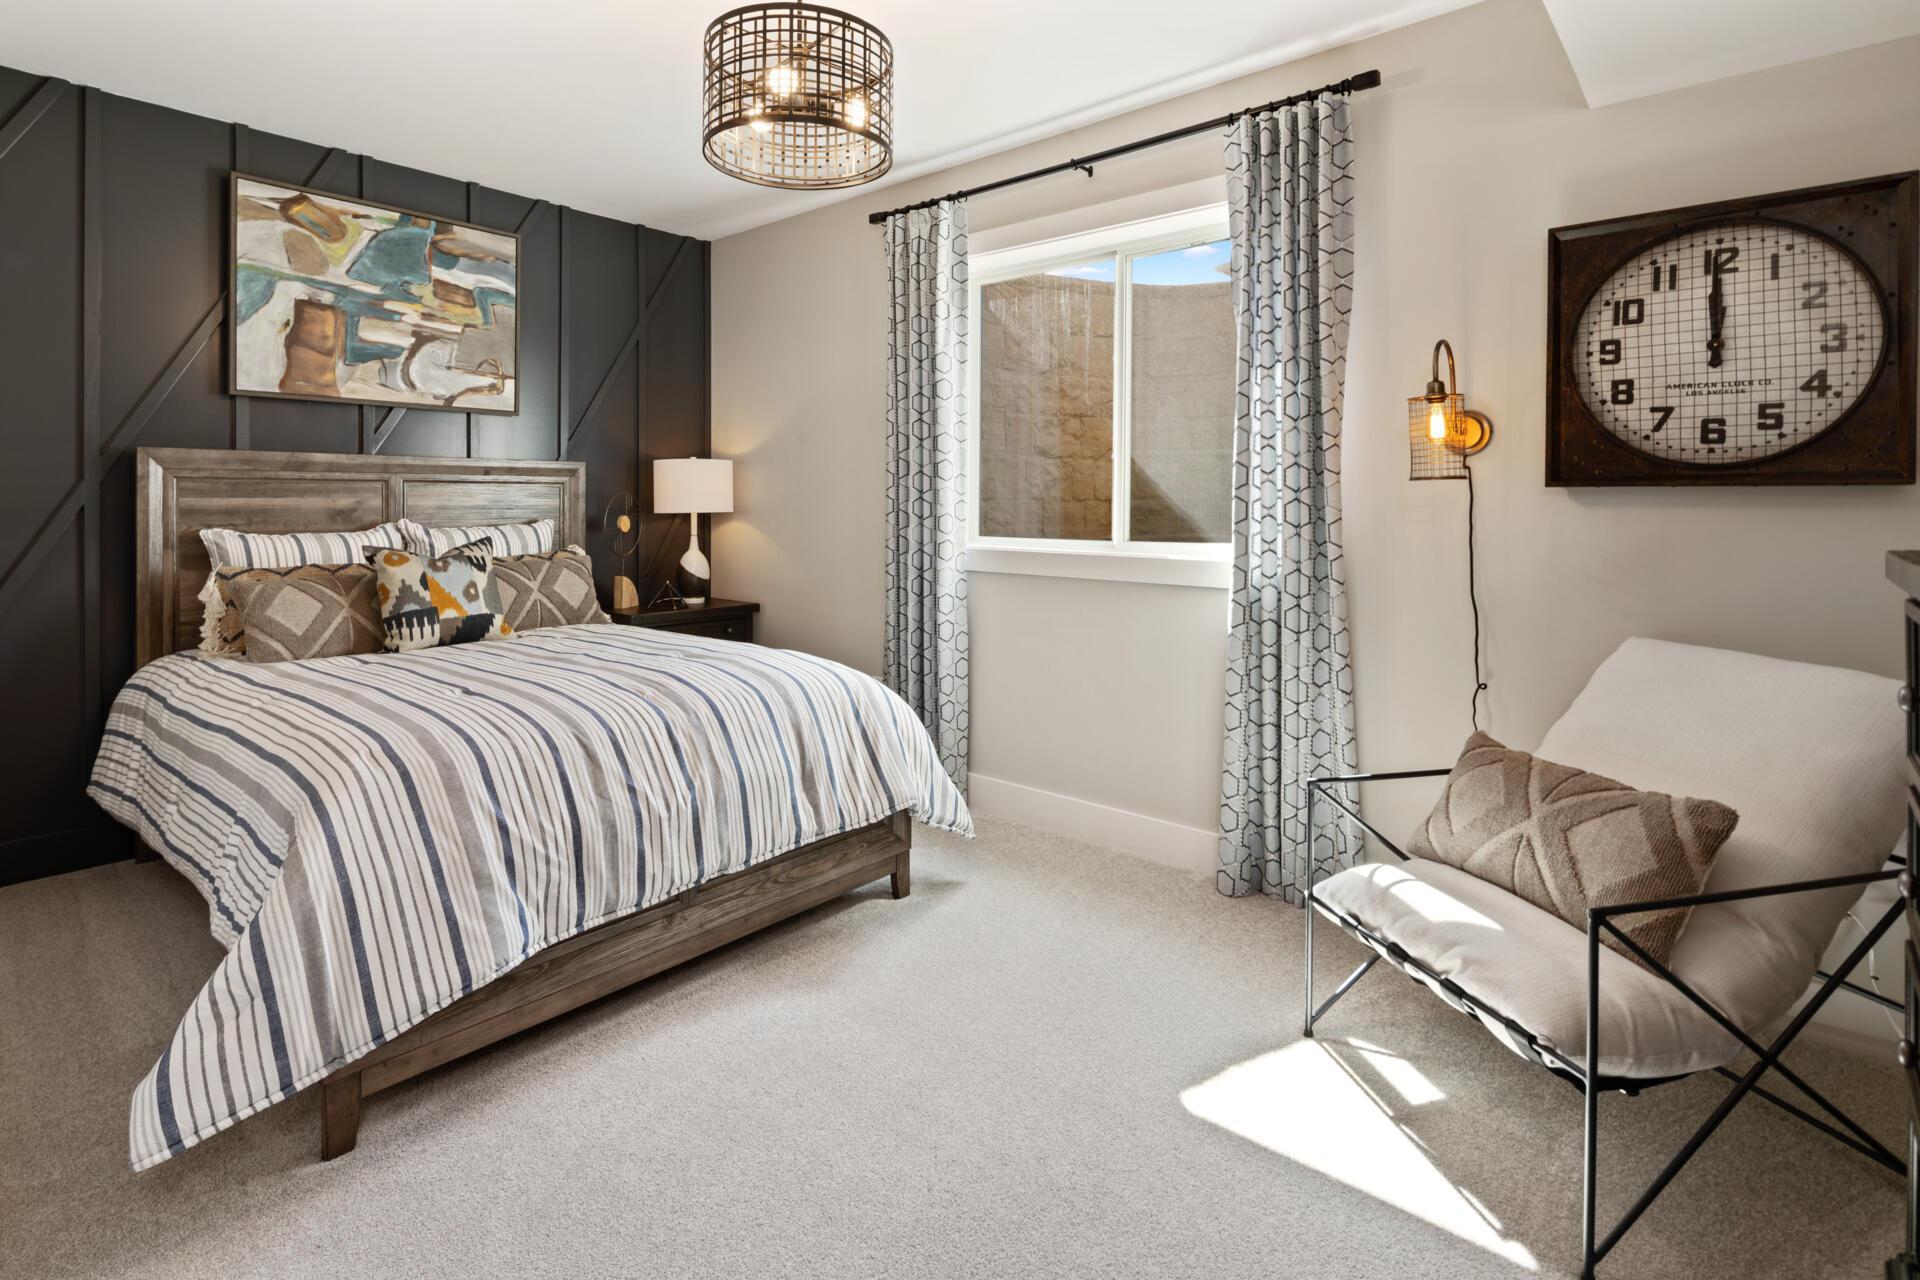 Bedroom featured in the Hialeah By Drees Homes in Cincinnati, OH